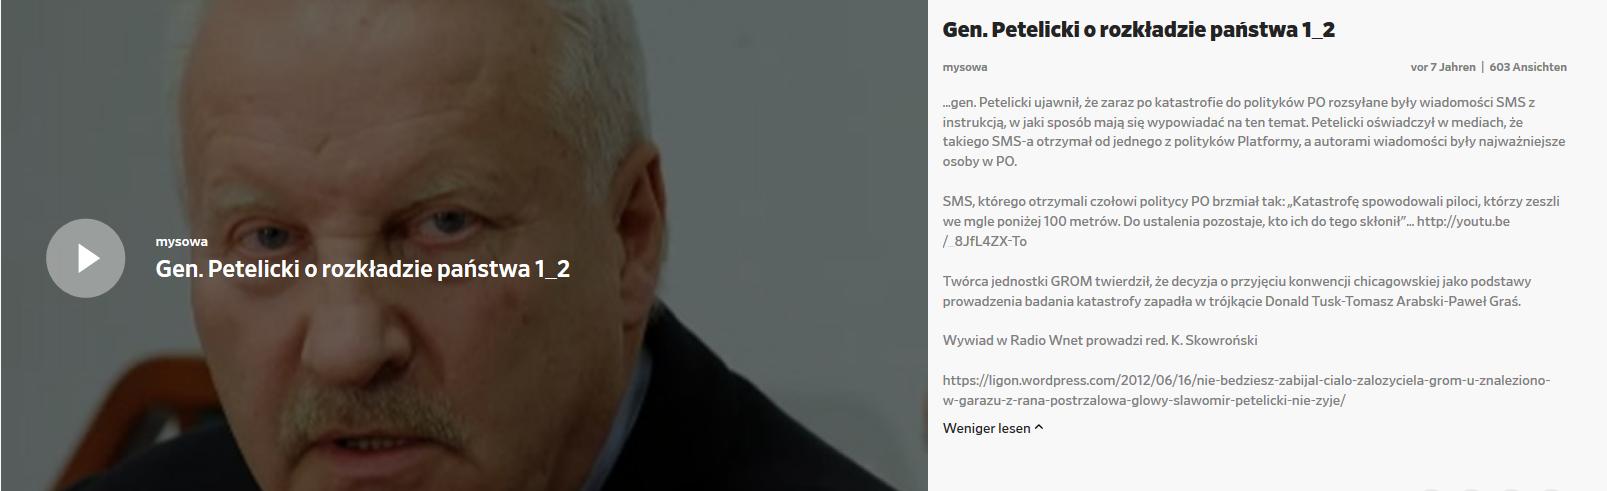 Screenshot_2019-06-05 Gen Petelicki o rozkładzie państwa 1_2 - video dailymotion